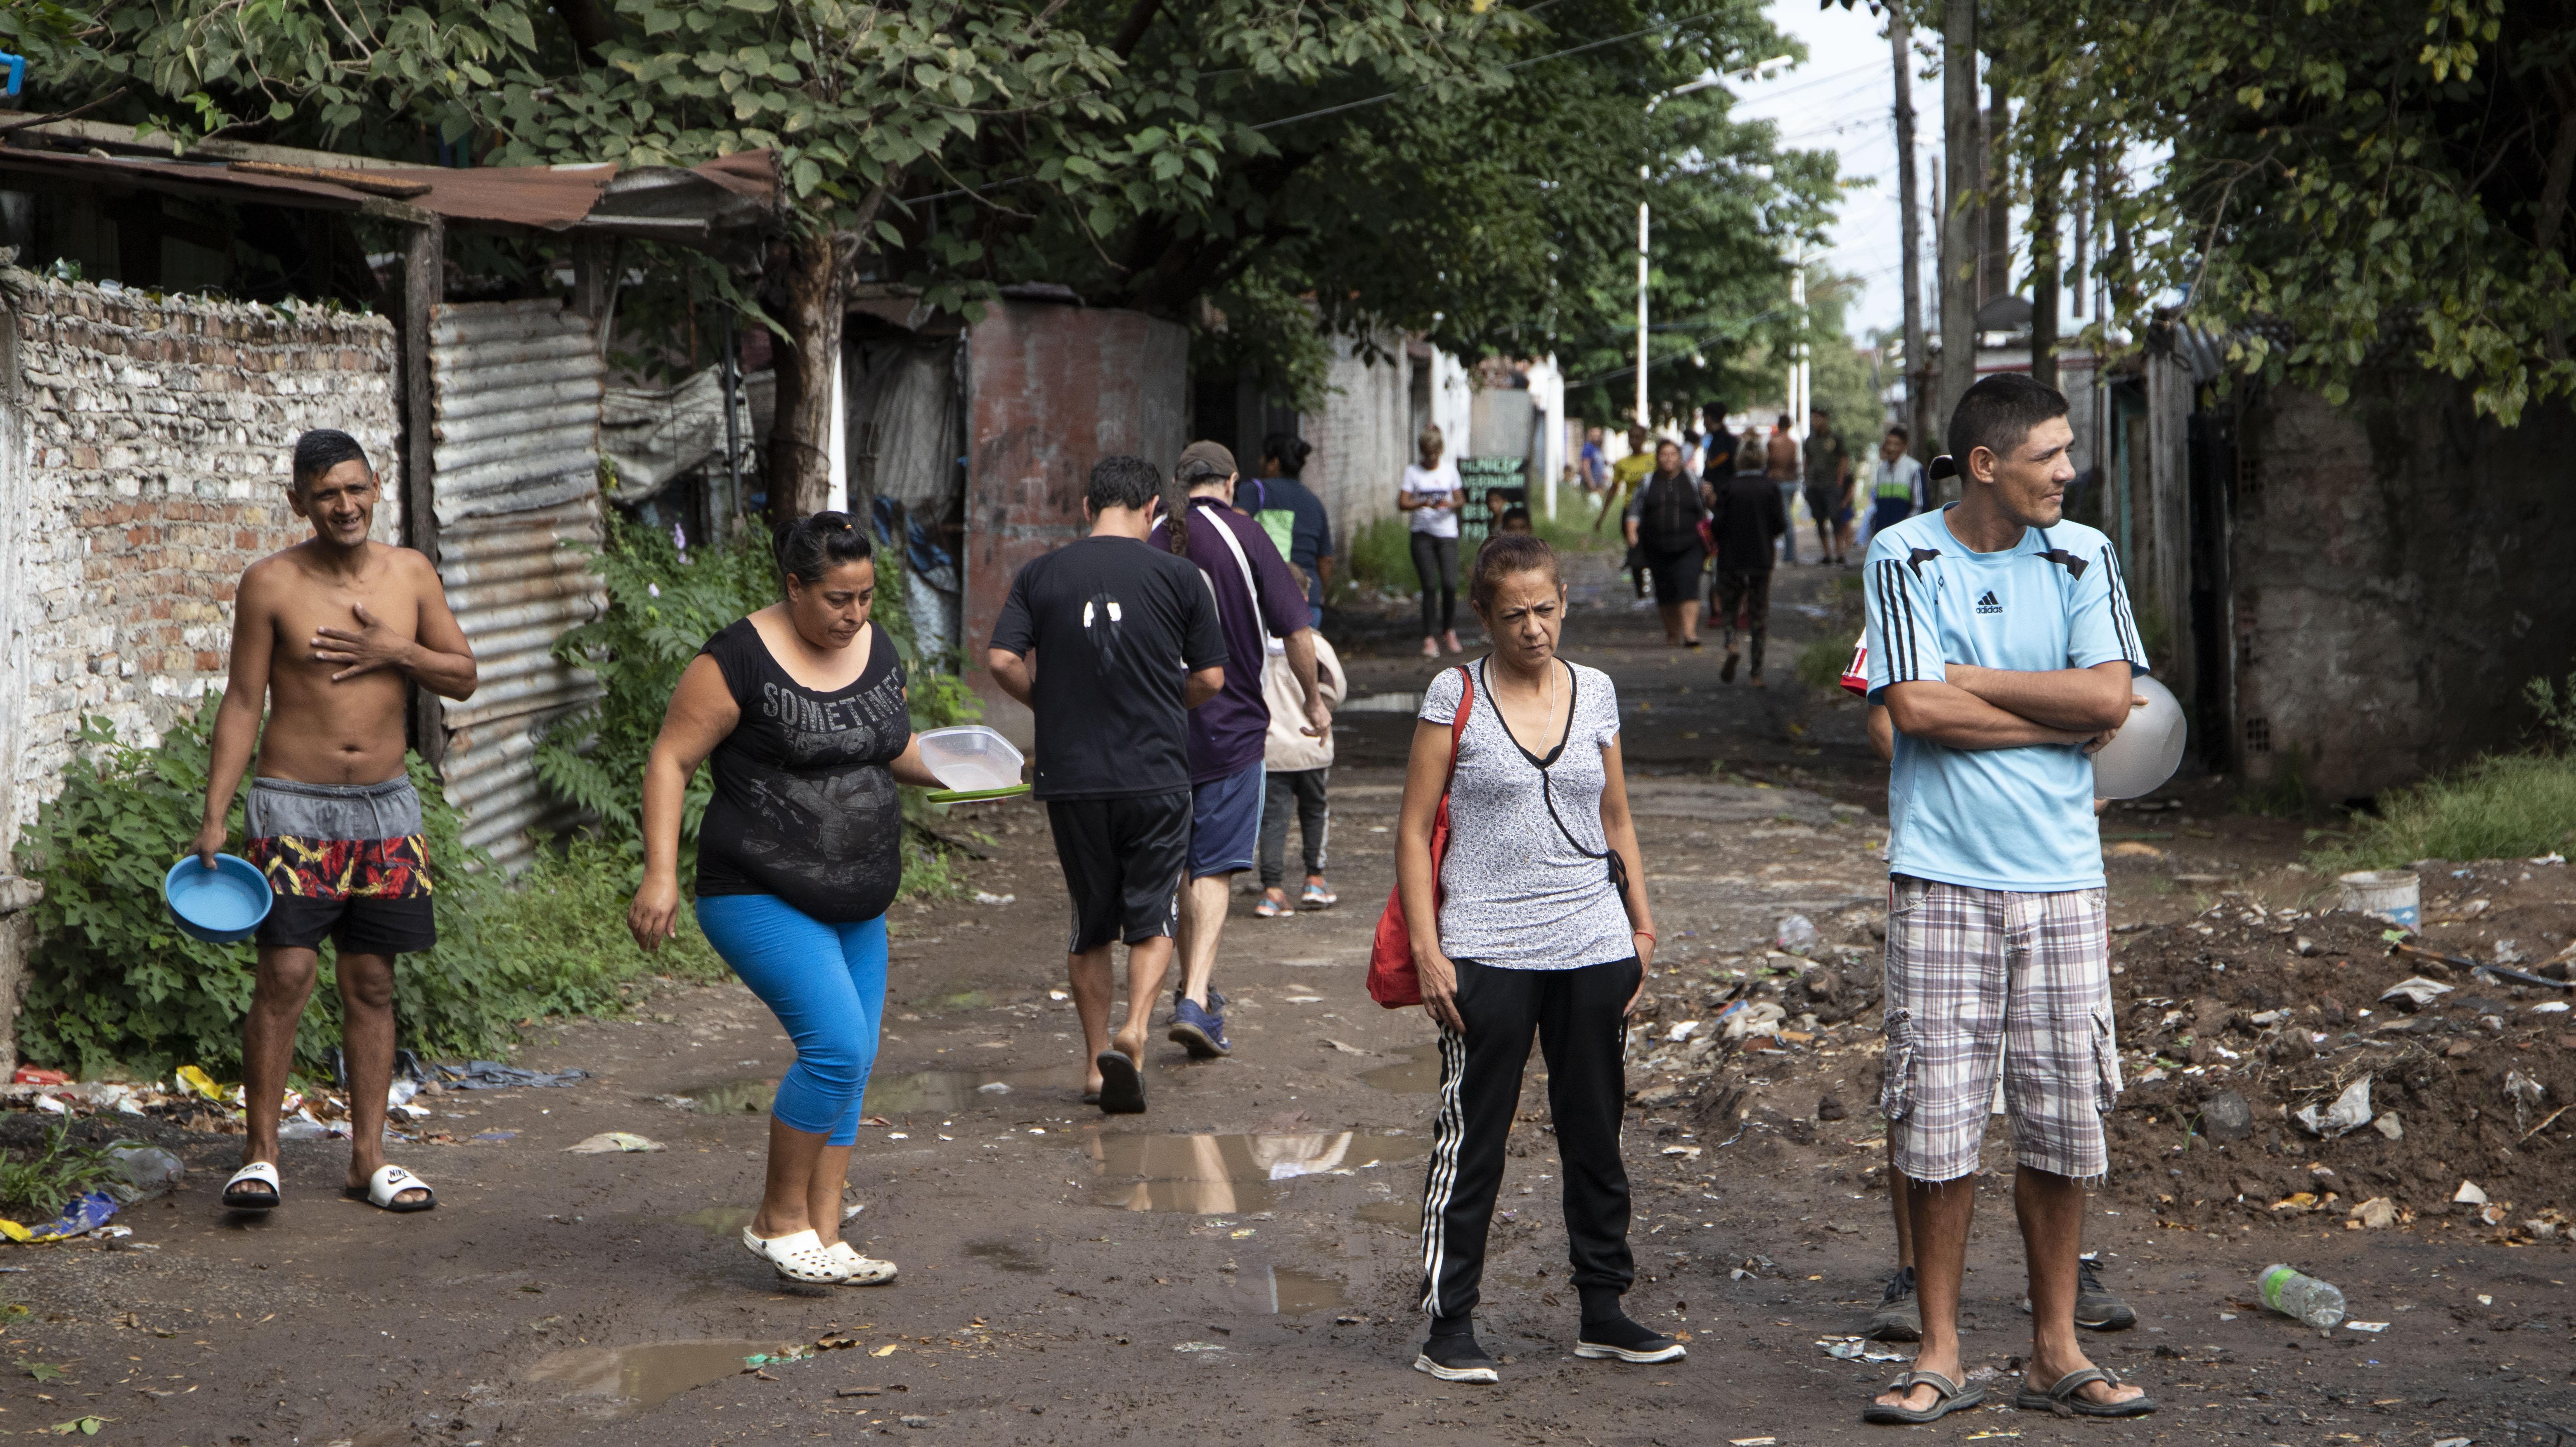 Miles de vecinos se acercaron a las cocinas con sus platos a buscar alimentos